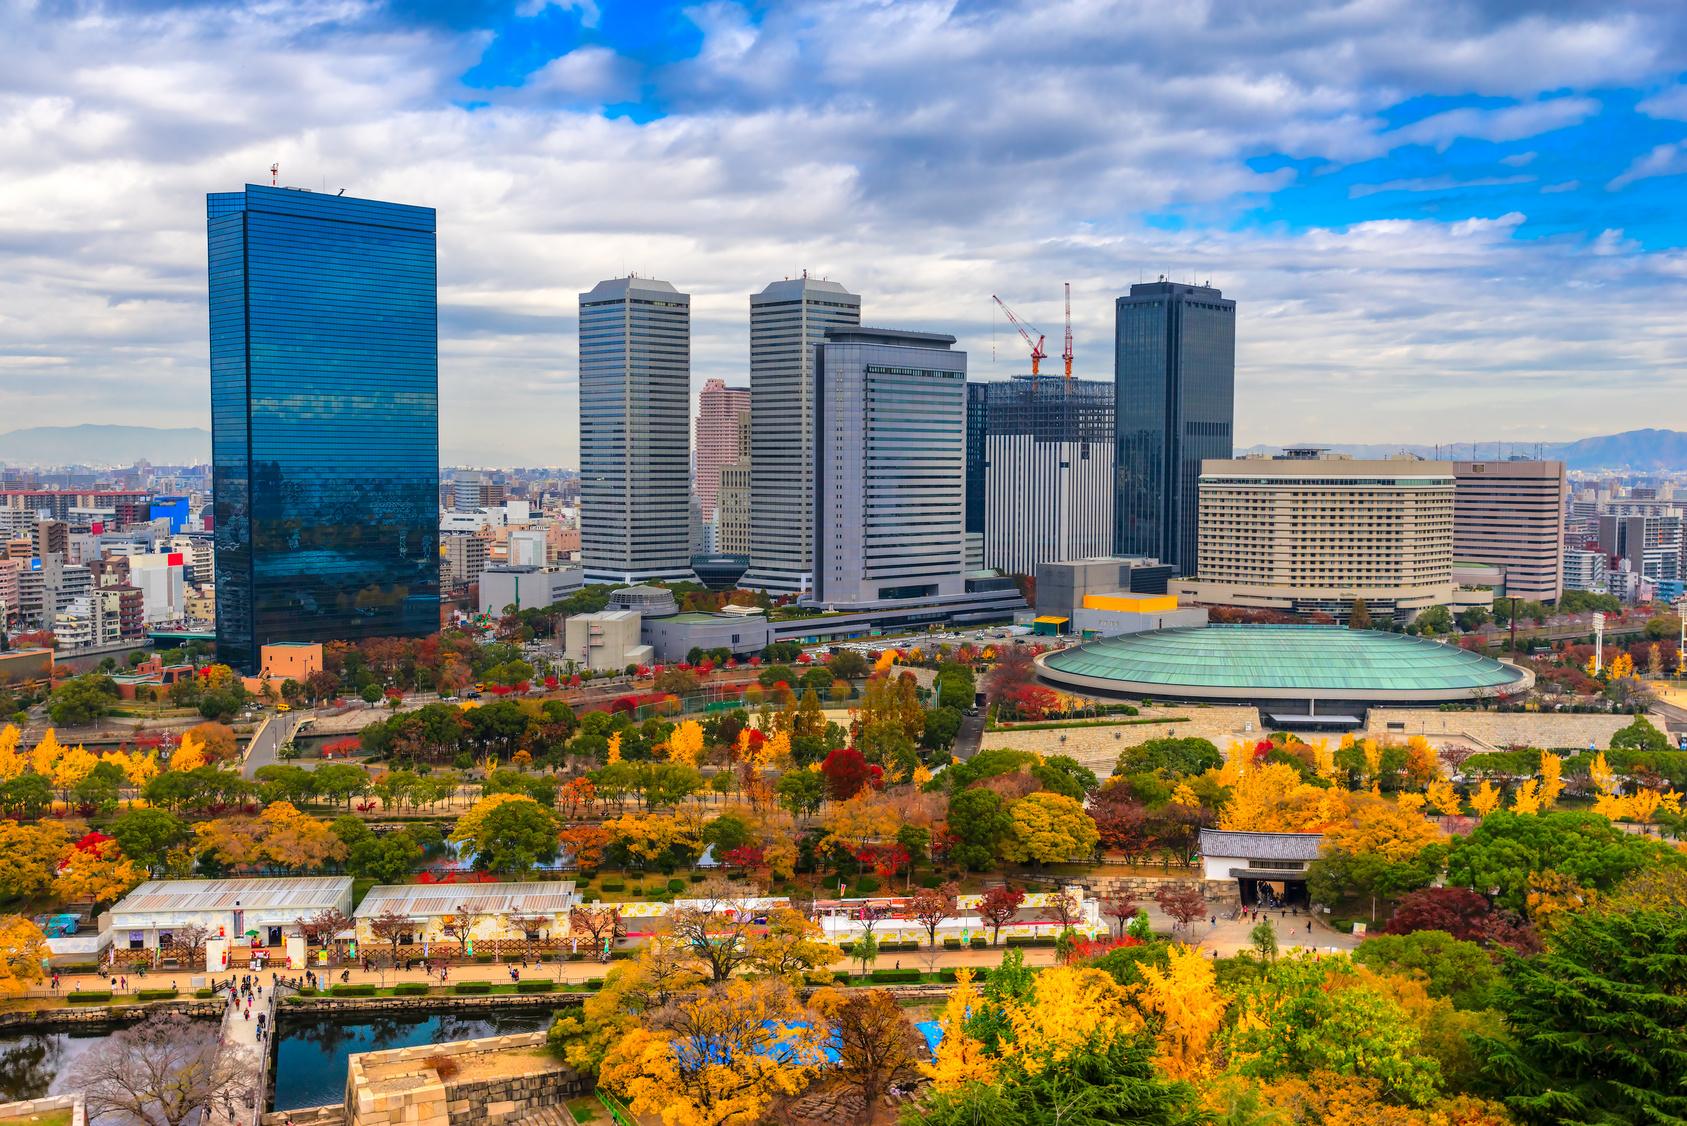 Imagen de una ciudad